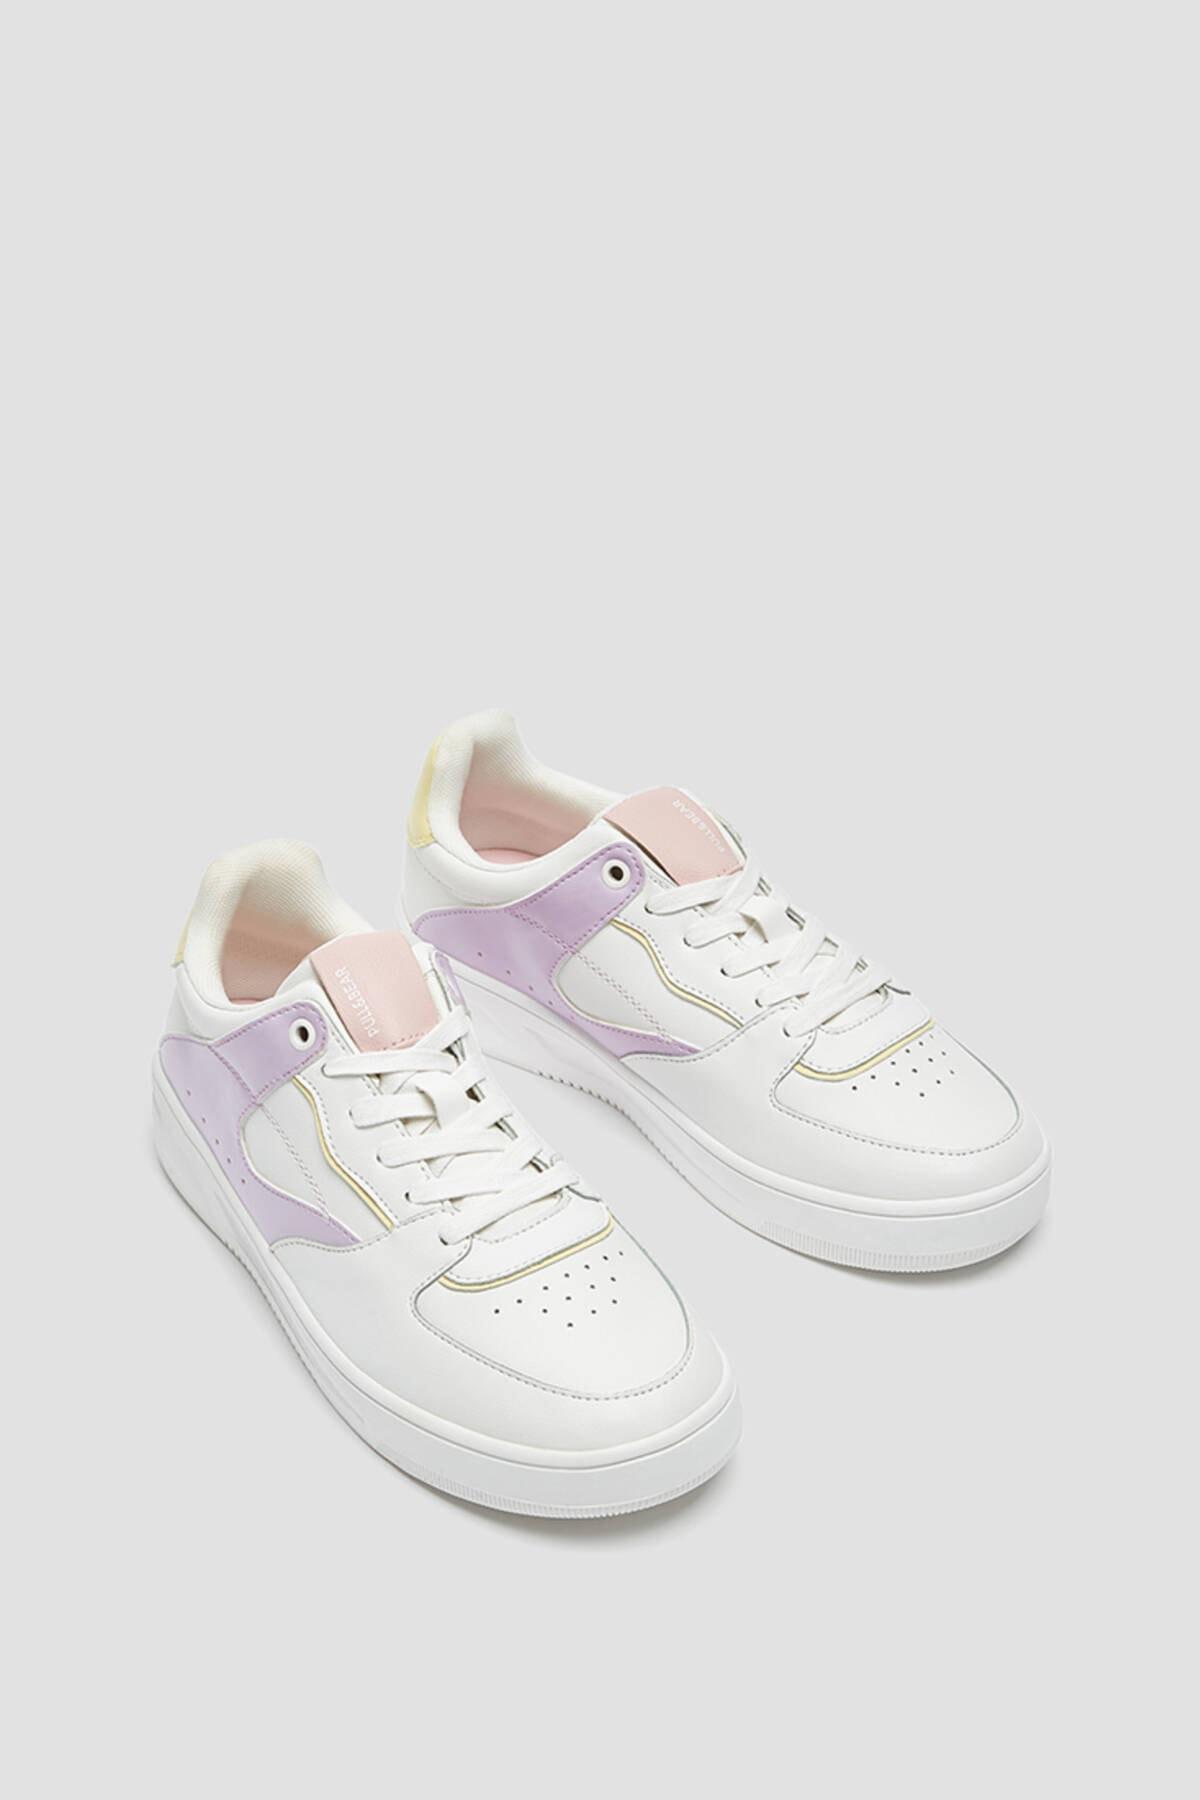 Pull & Bear Kadın Çok Renkli Spor Ayakkabı 11322640 0